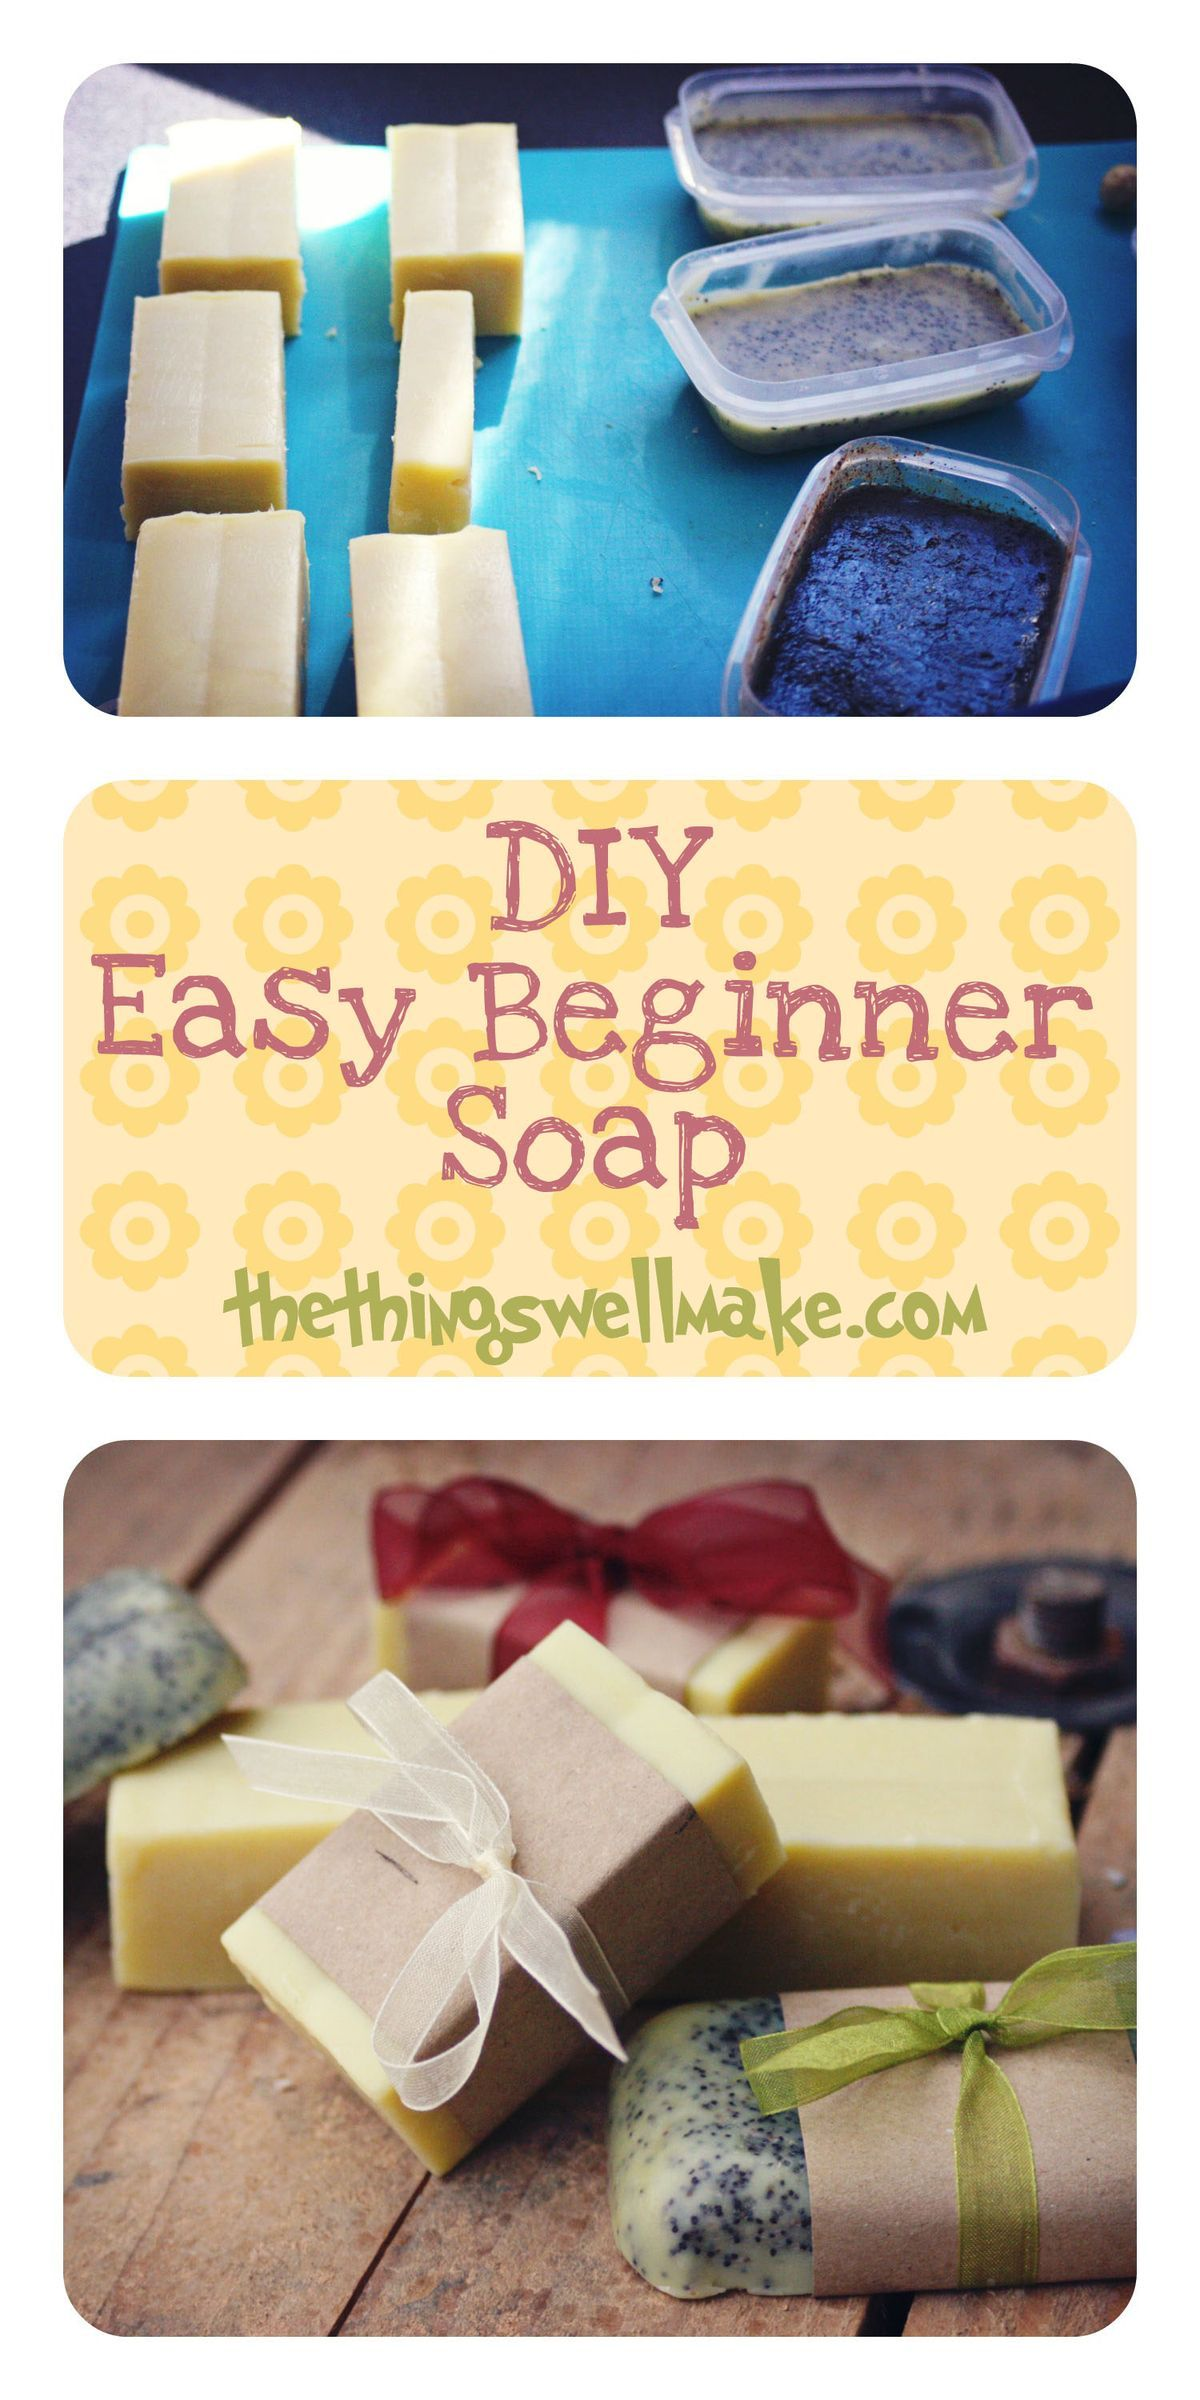 11 Easy DIY Homemade Soap Recipes Diy soap, Home made soap